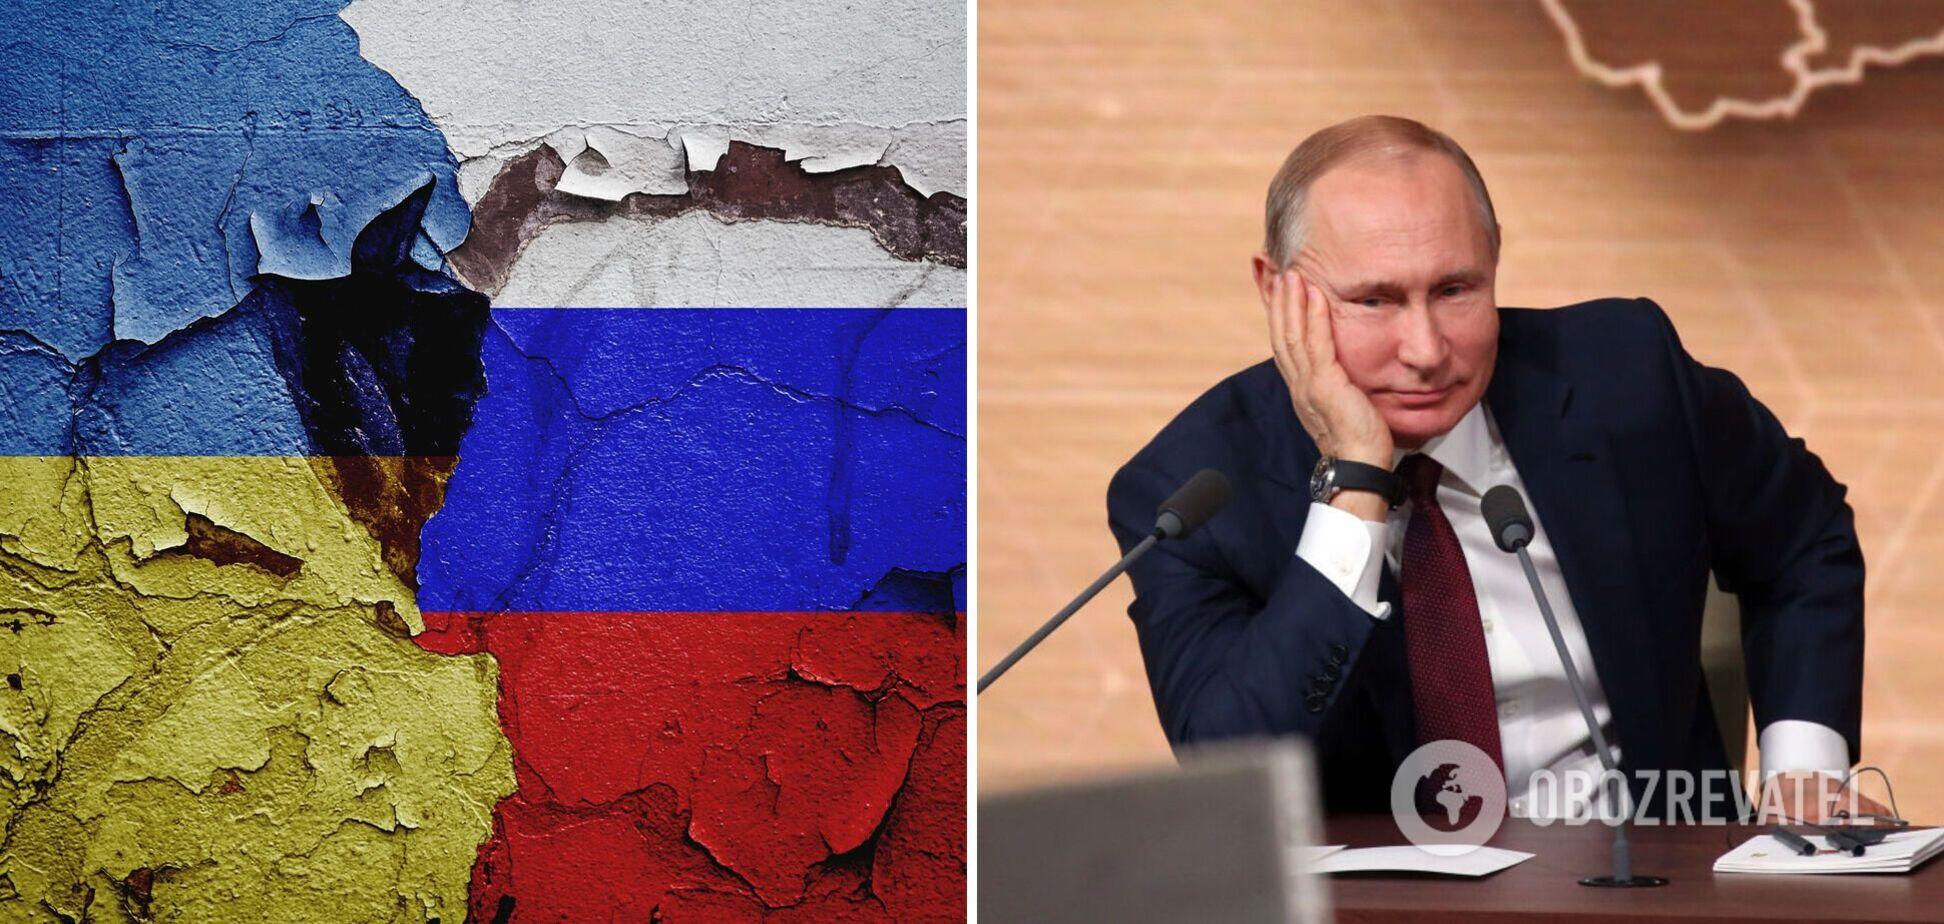 Две ошибки Путина: Украина никогда не согласится на капитуляцию